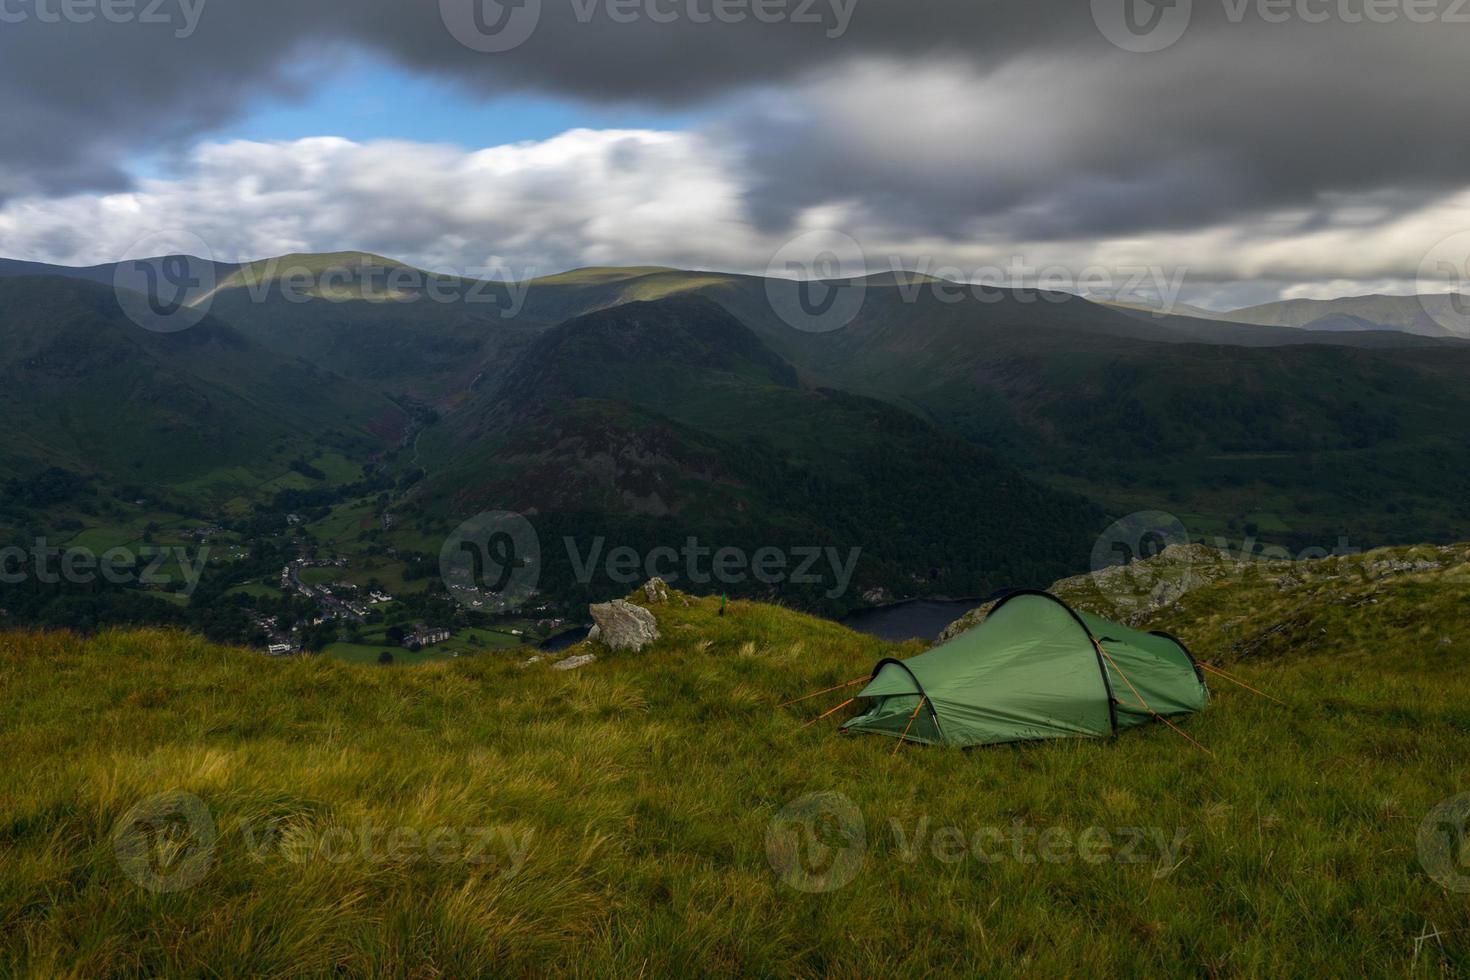 acampando en la naturaleza foto